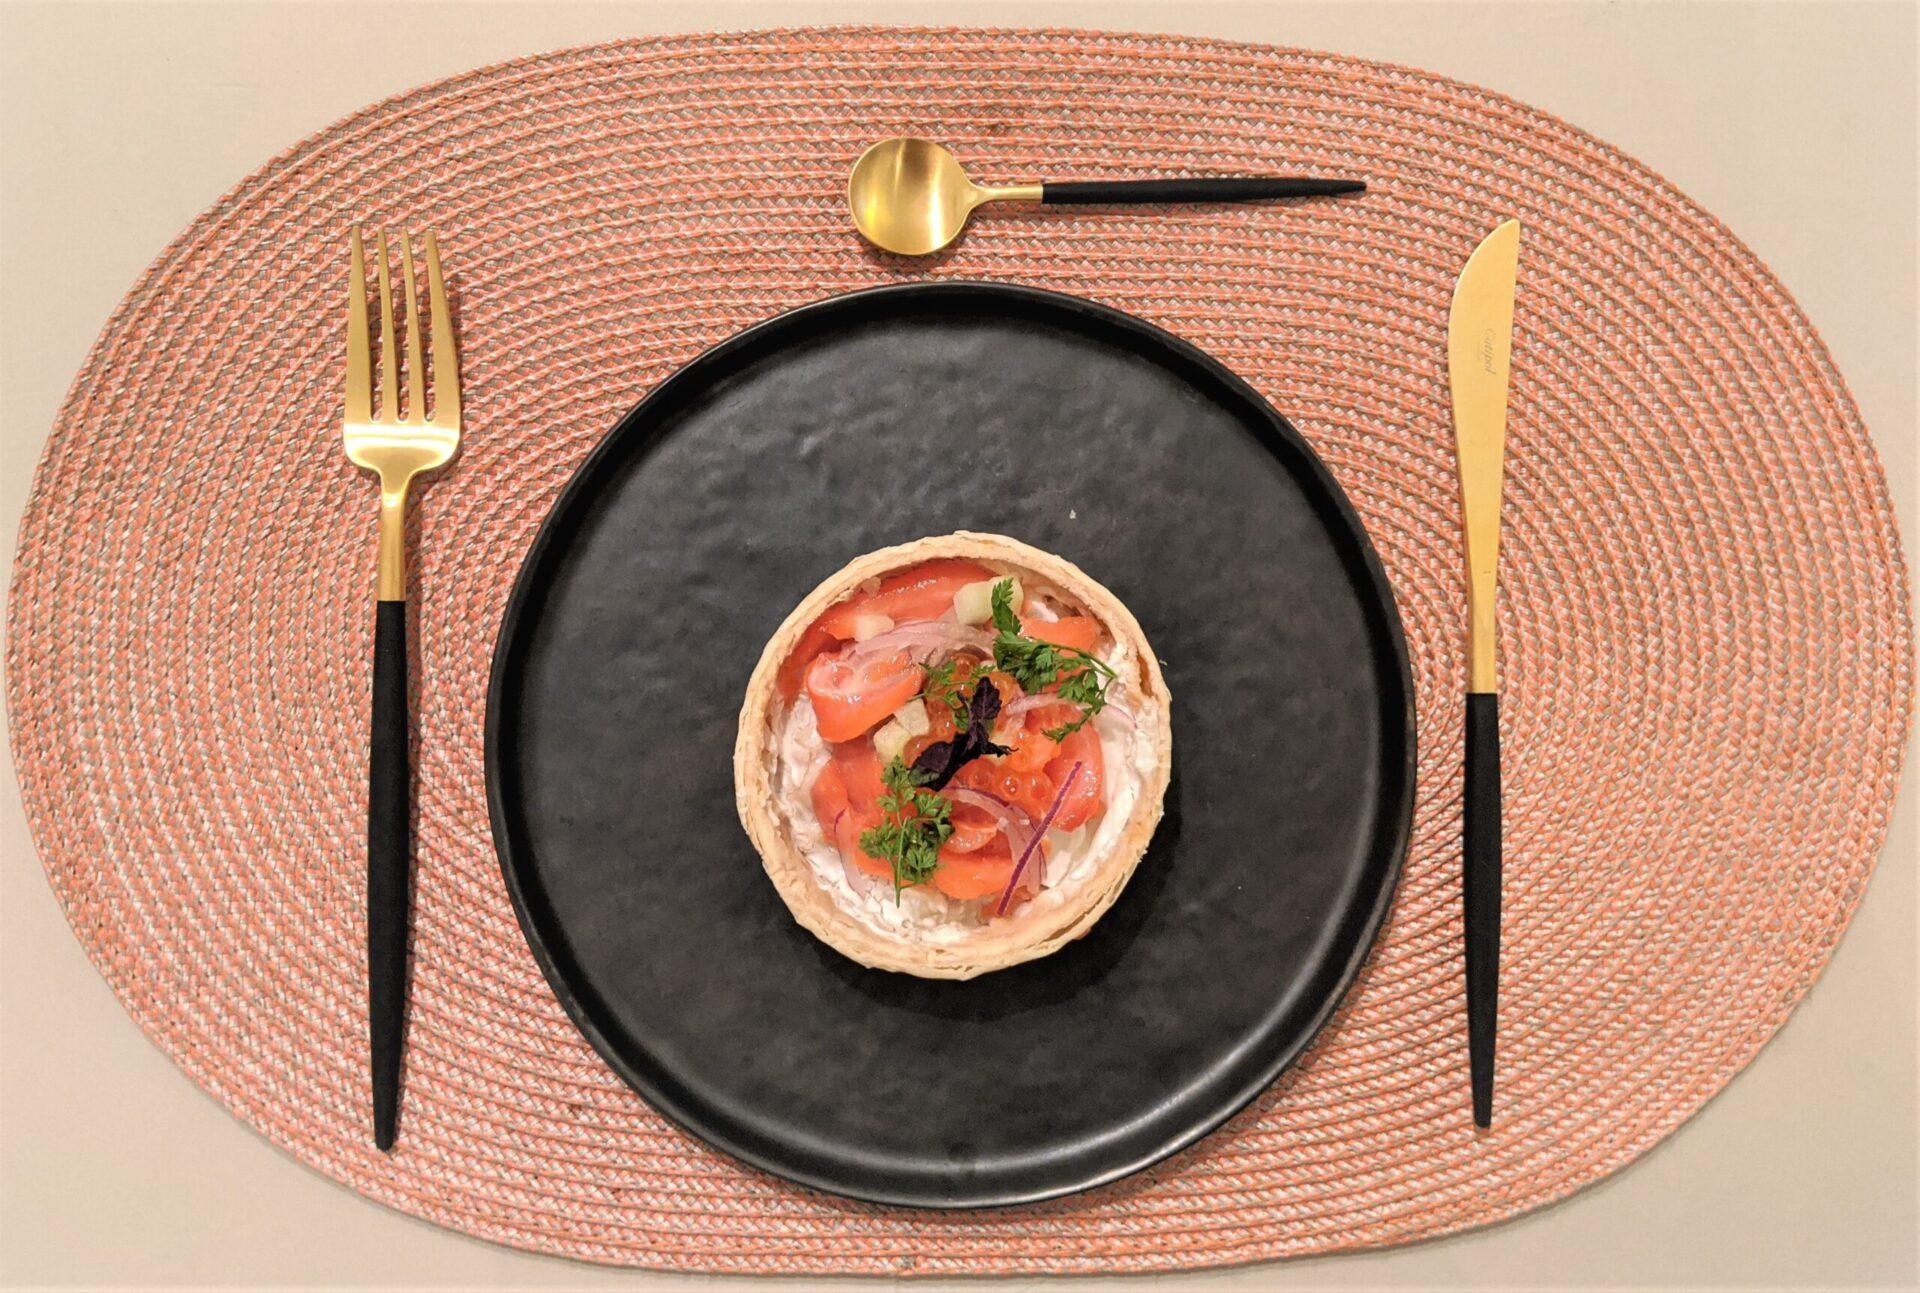 【実際に注文しました】タンパガの人気レストラン「シェフズテーブル」の宅配で『お家レストラン』が実現